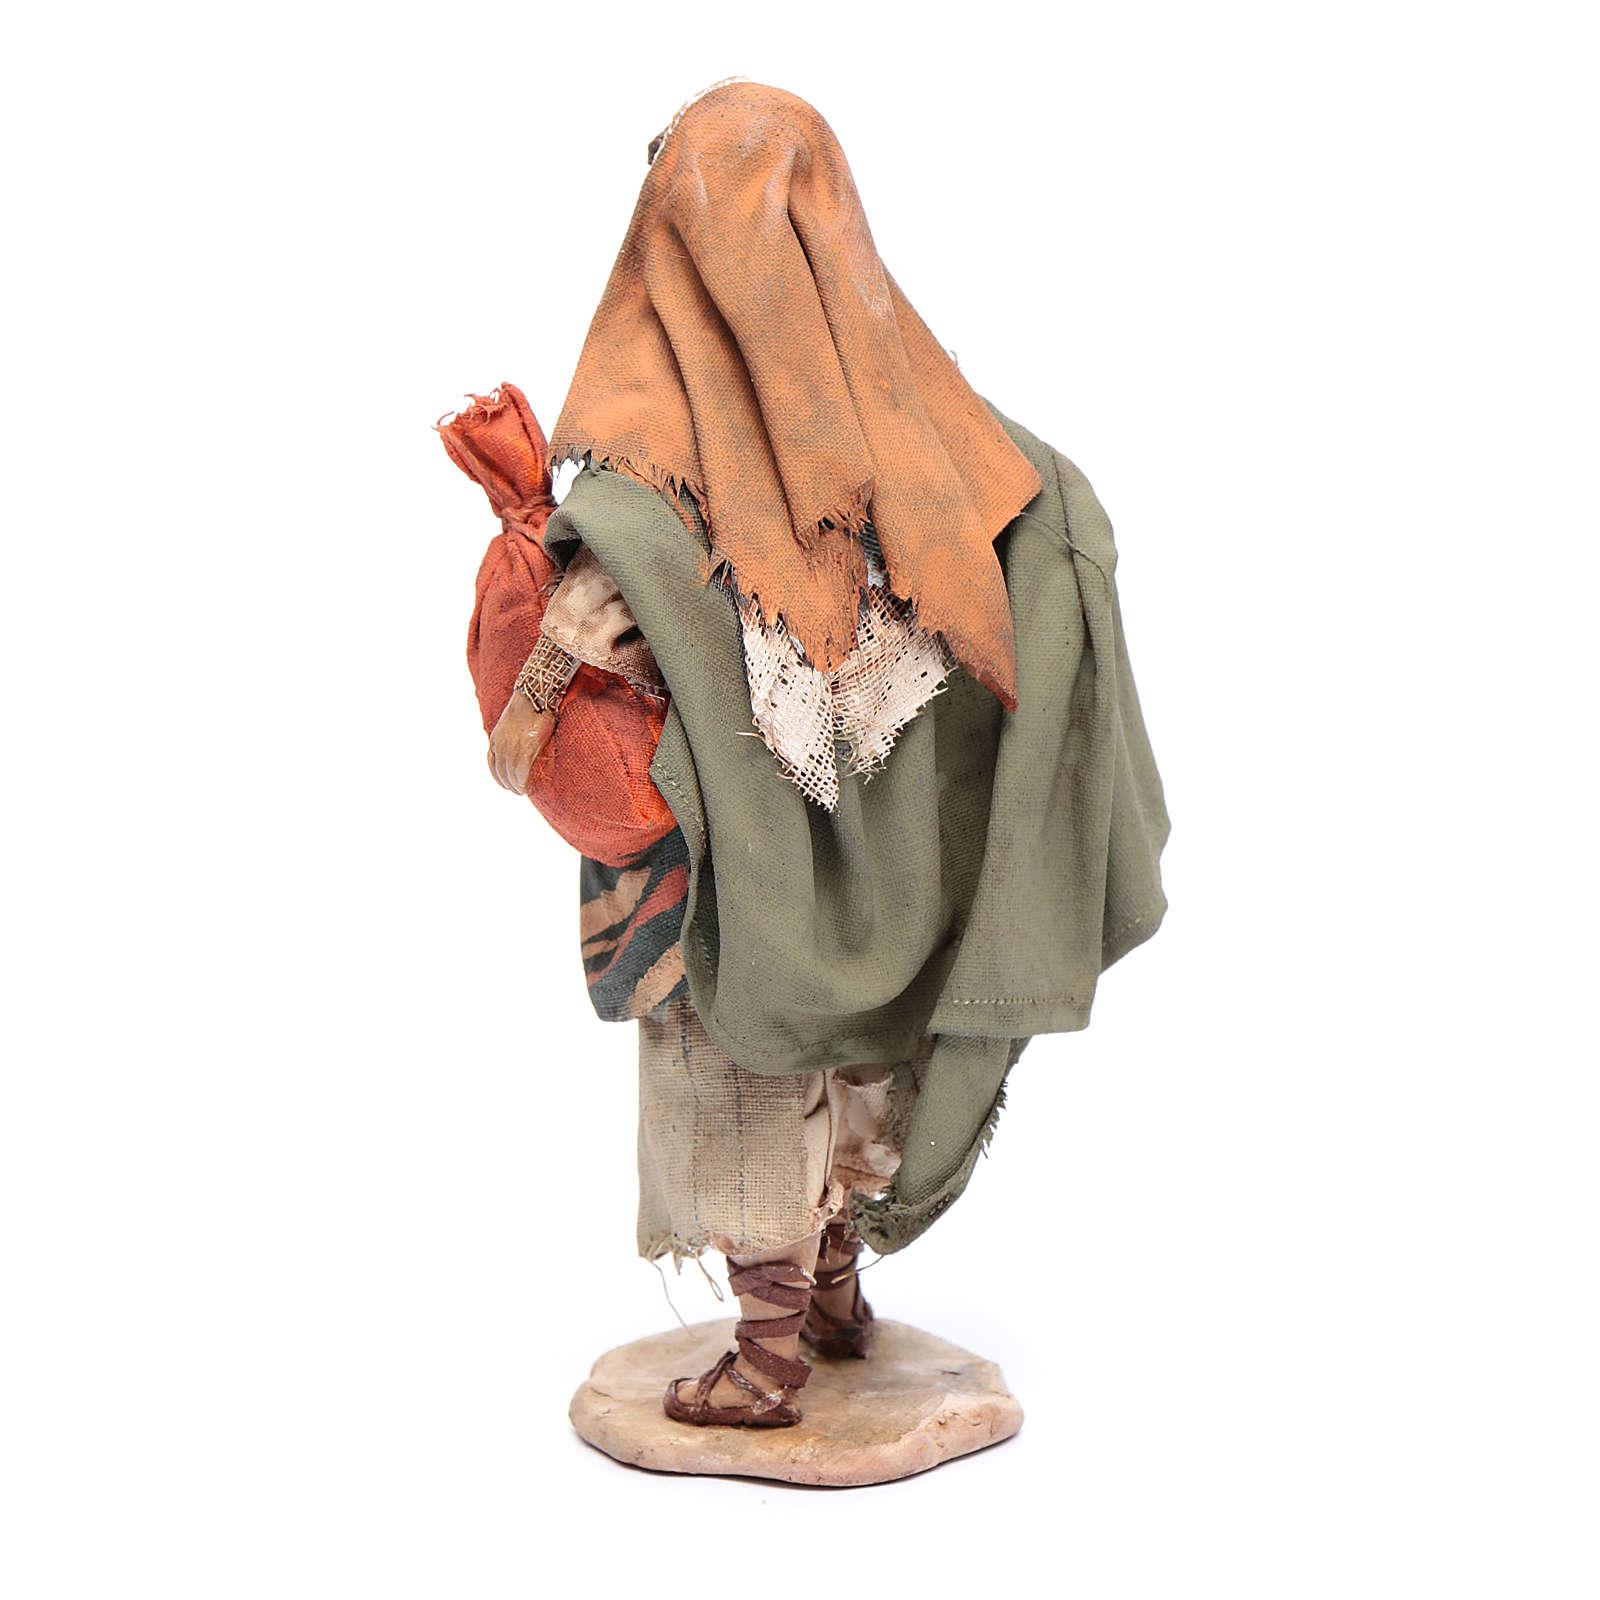 Pastore con sacchi 13 cm presepe Angela Tripi 4